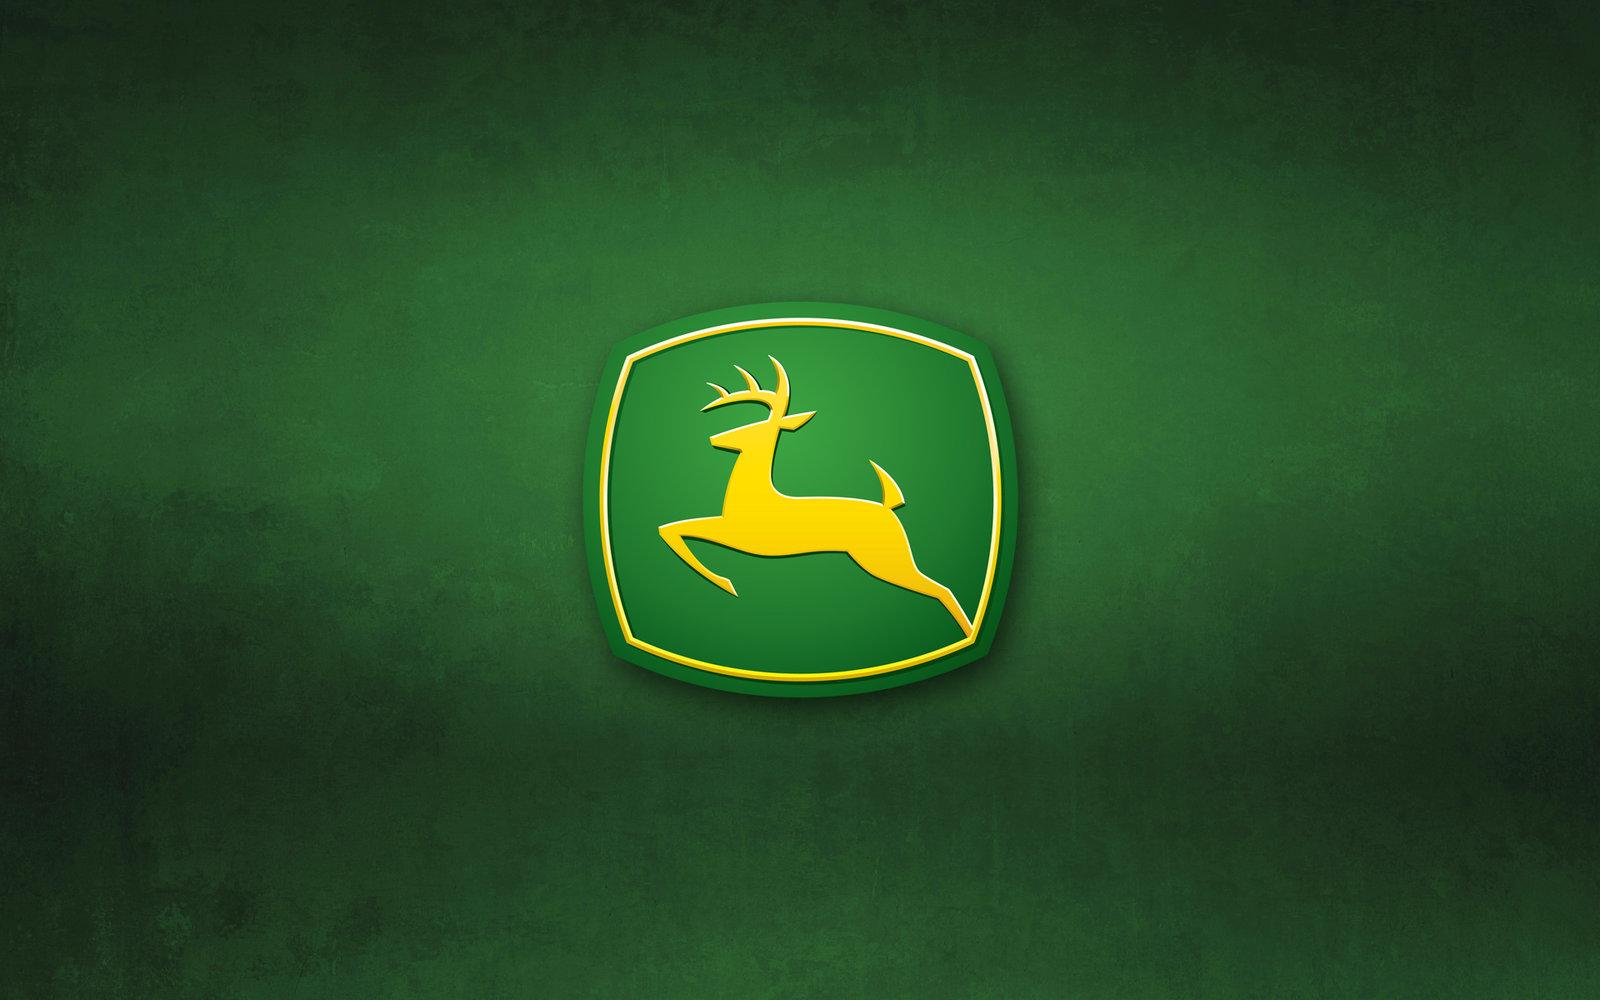 John Deere Logo Wallpaper by fictionalautumn 1600x1000